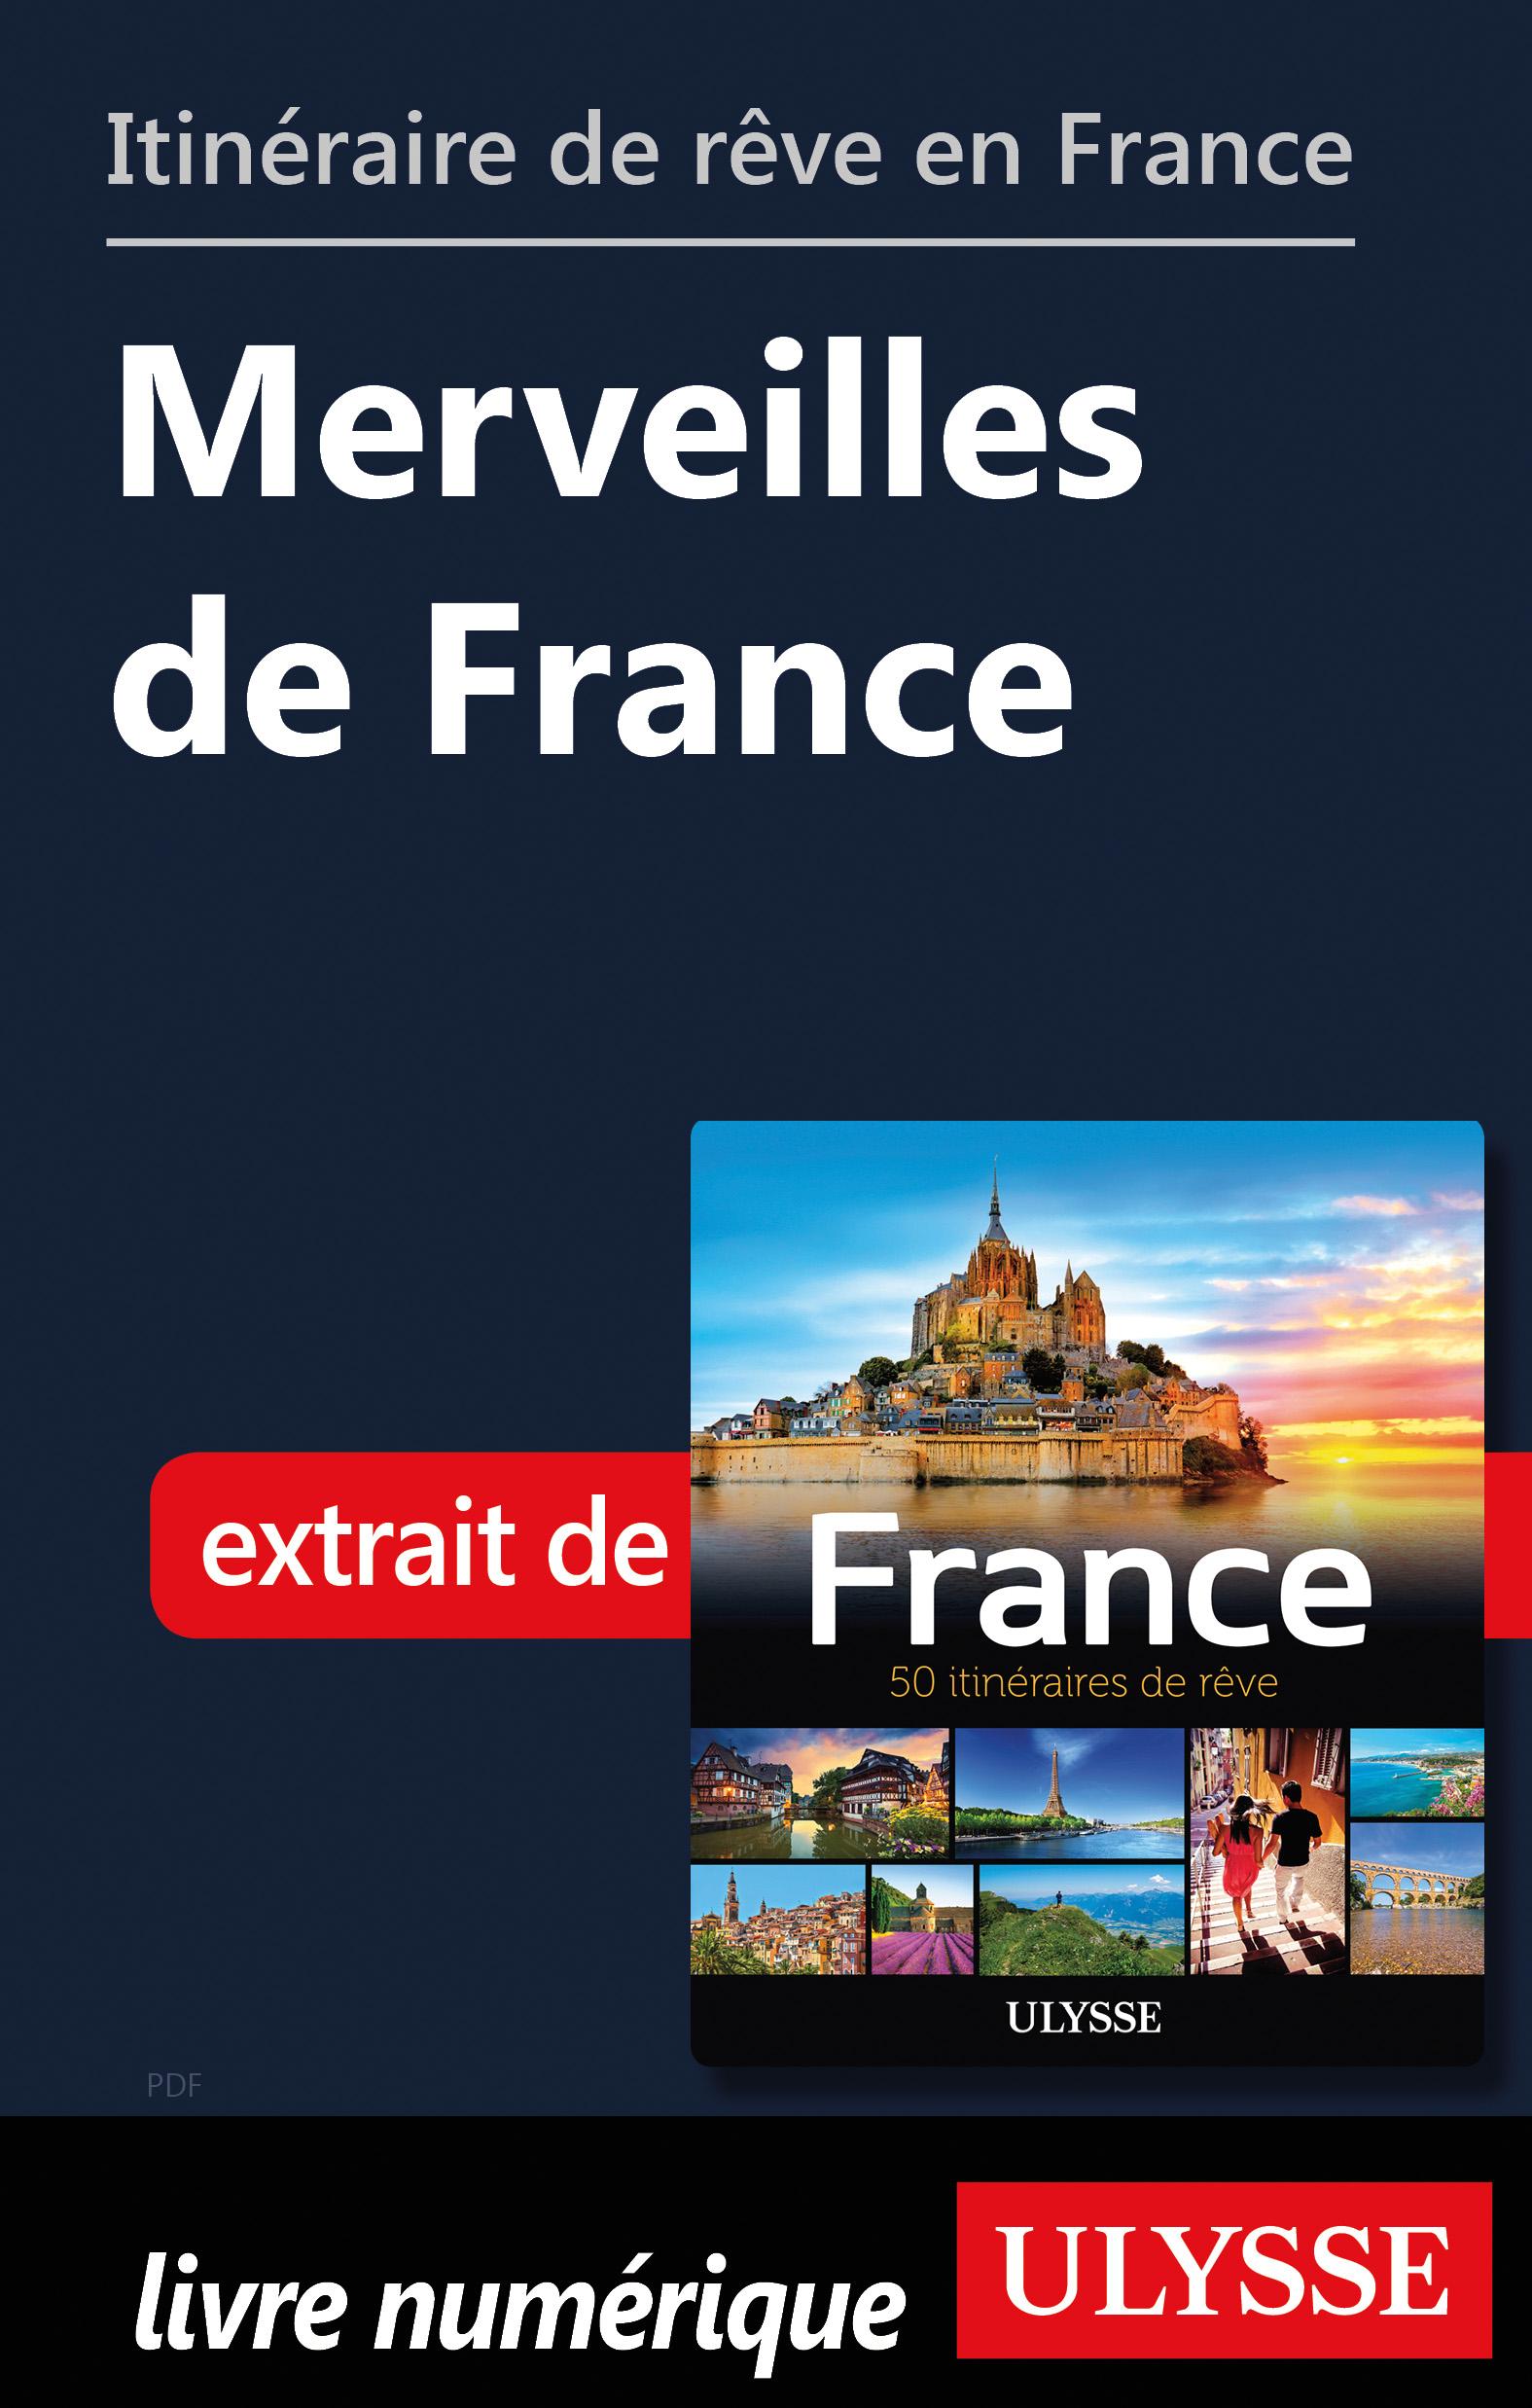 Itinéraire de rêve en France - Merveilles de France